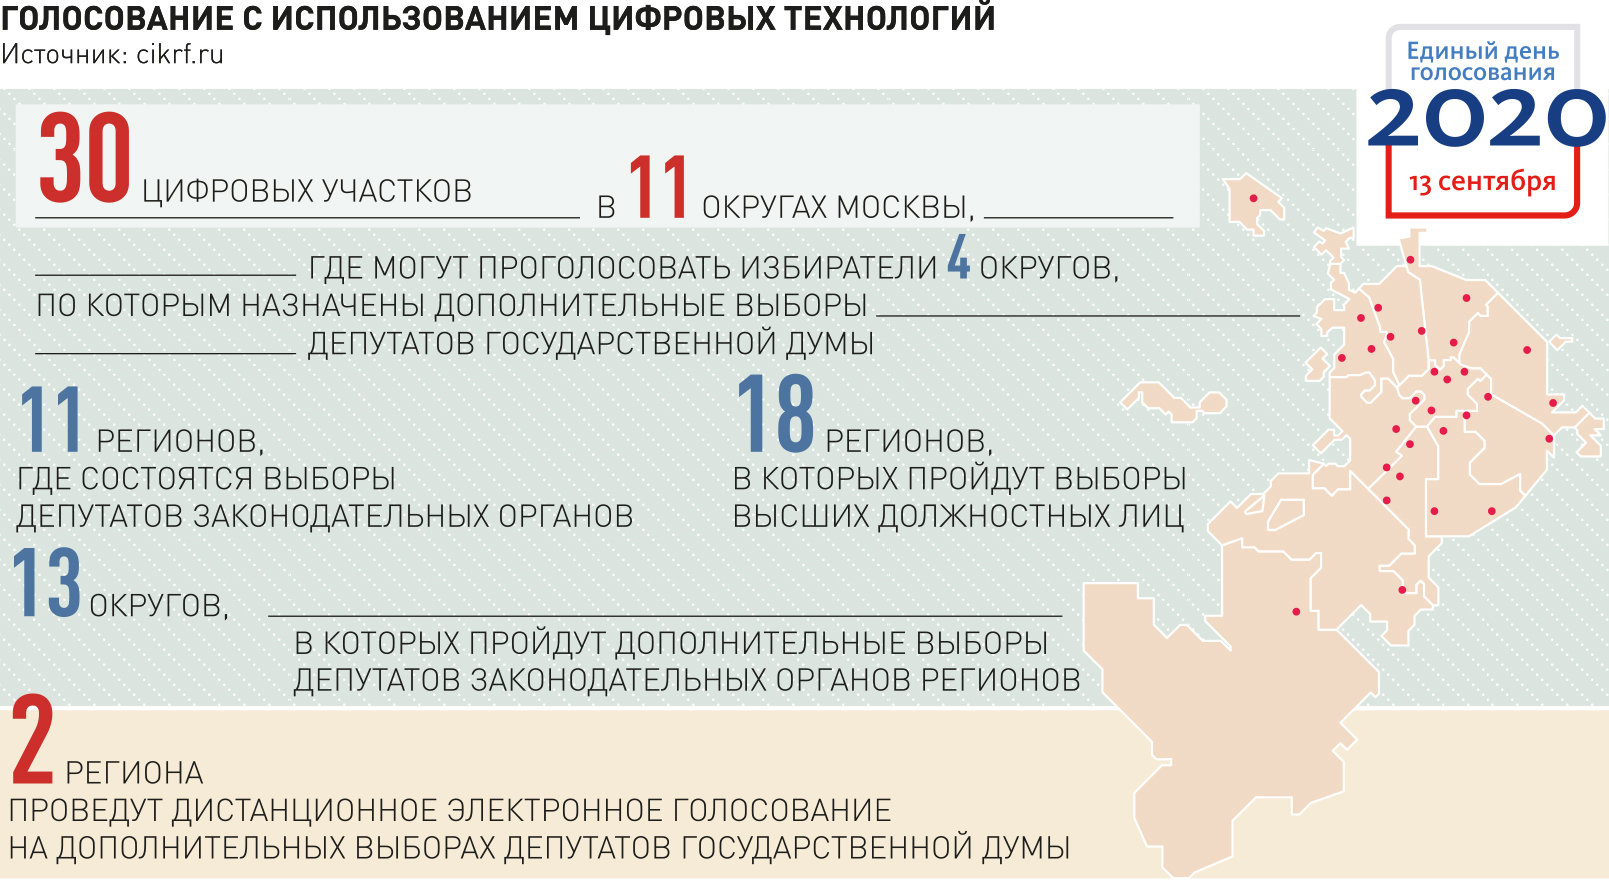 Налоги в сша и россии - моя америка